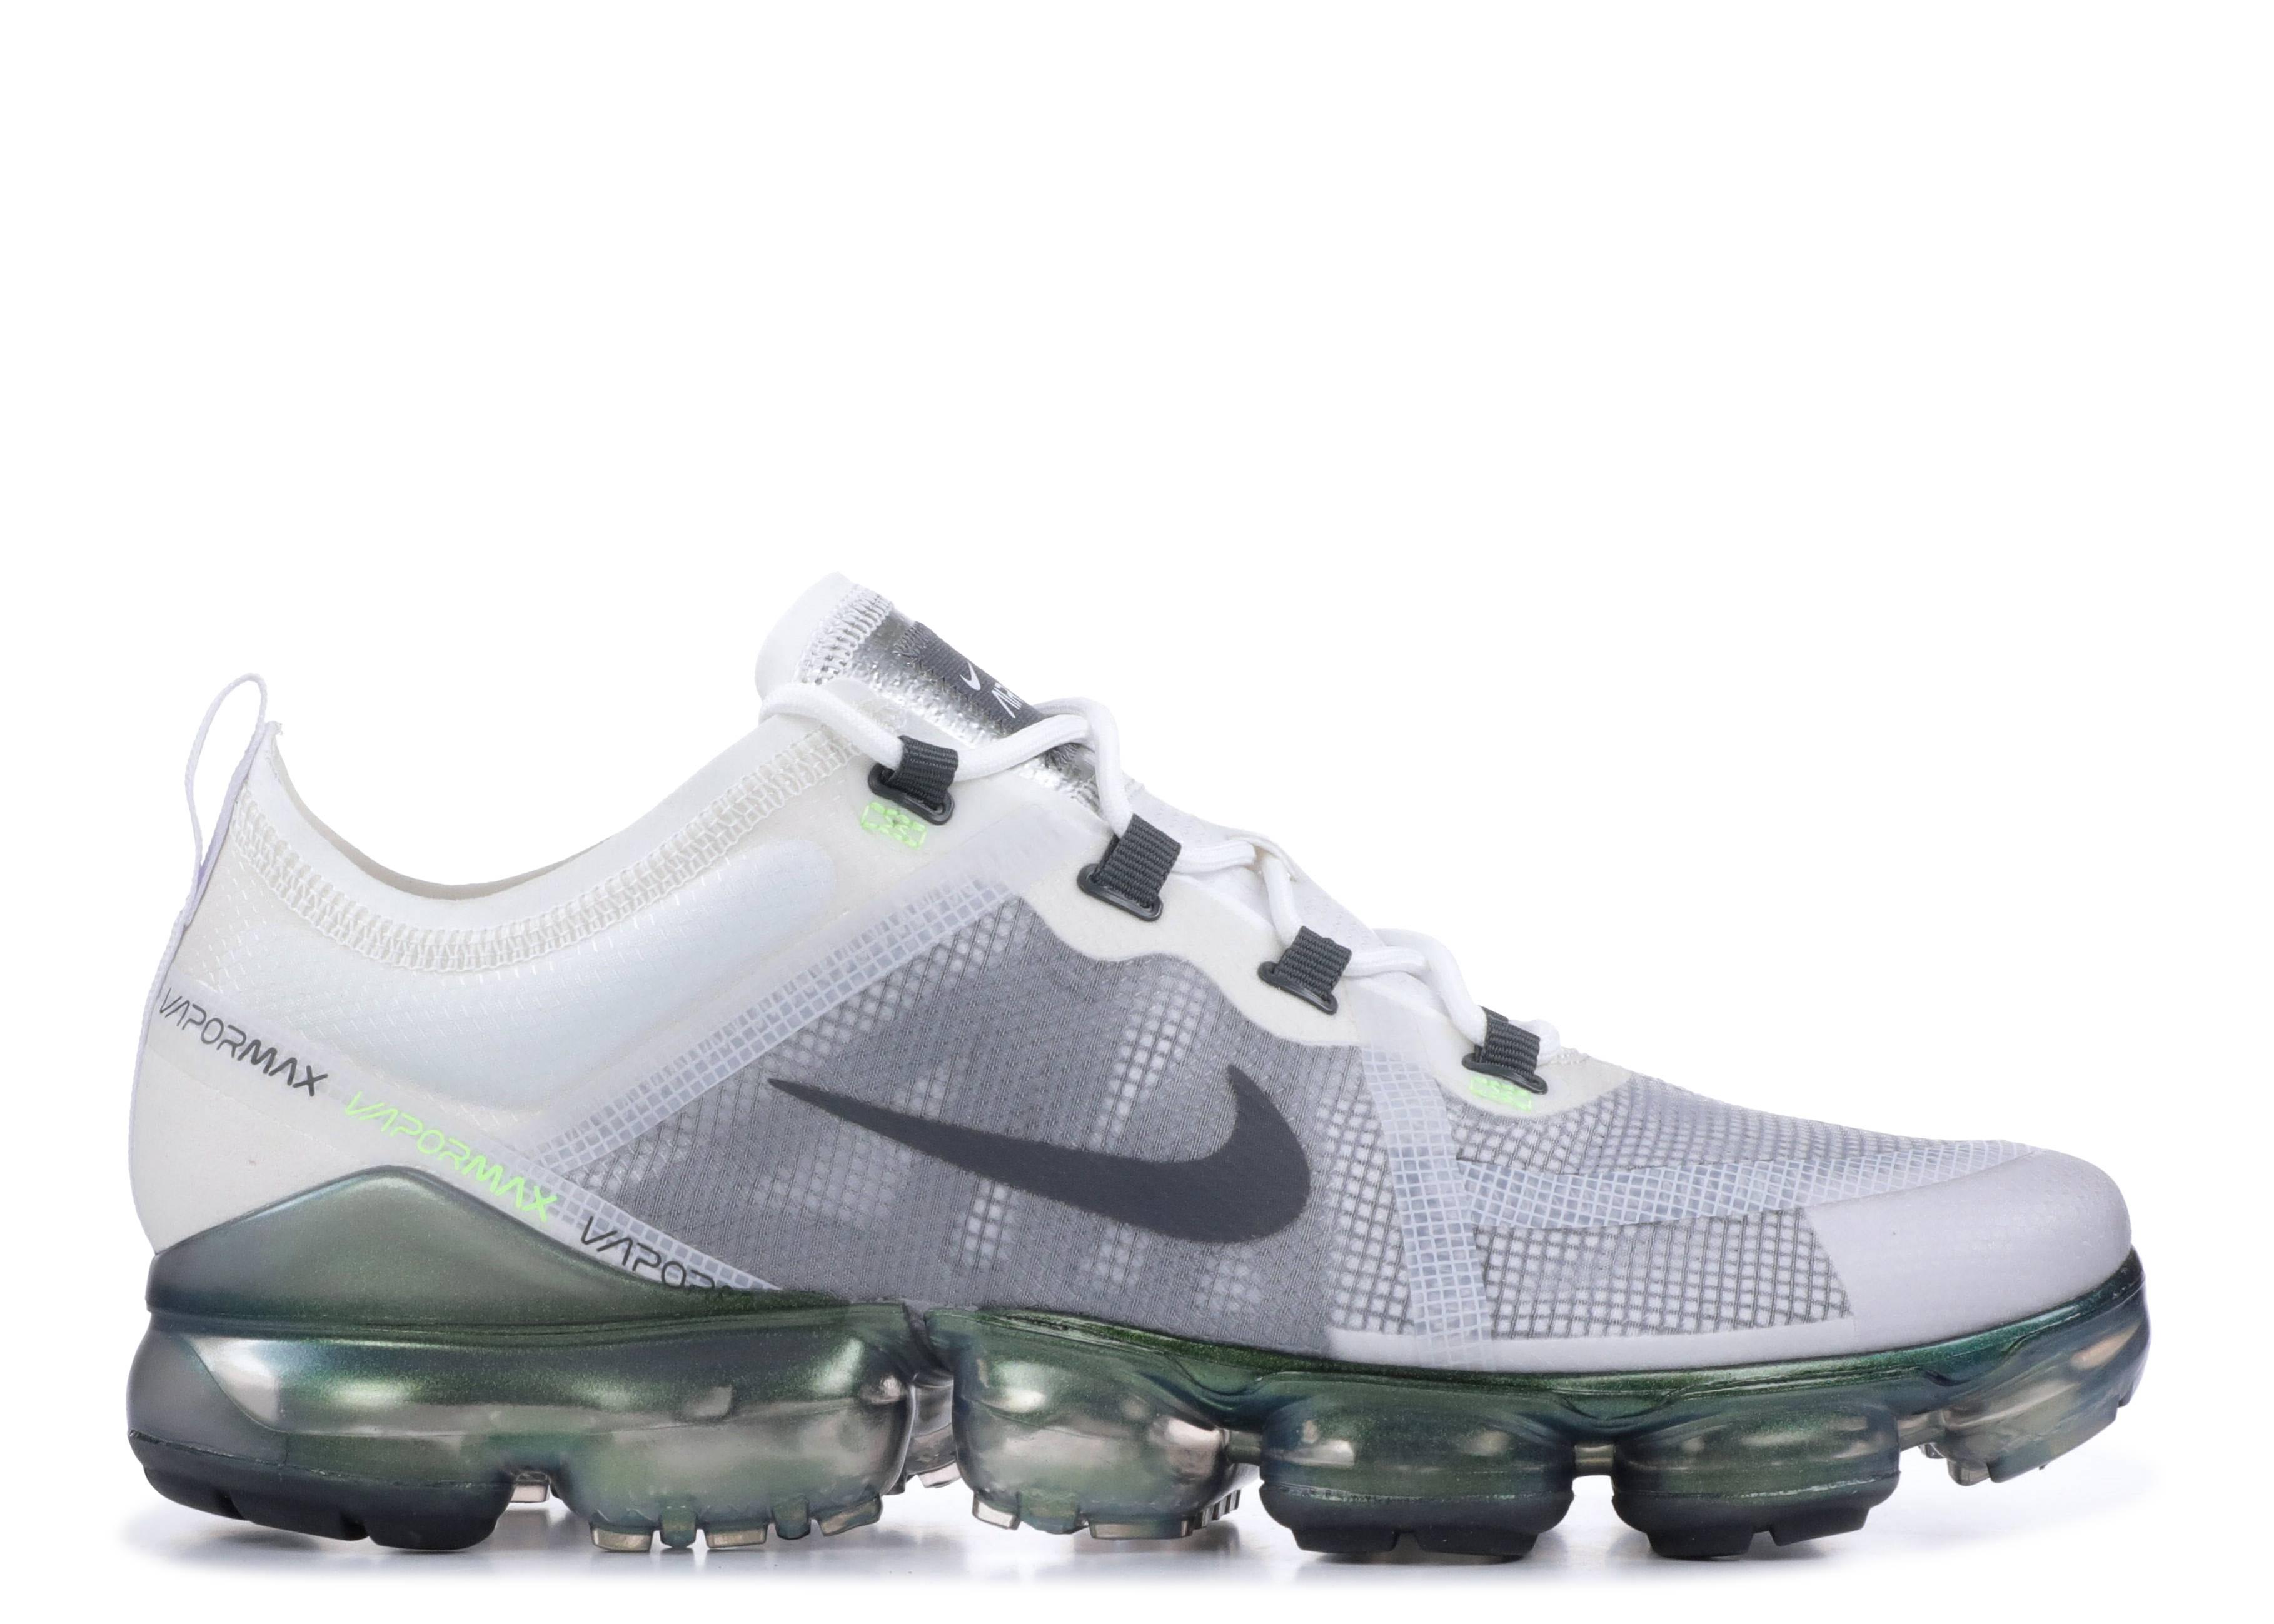 ac2cf297a16 Nike Air VaporMax 2019 PRM